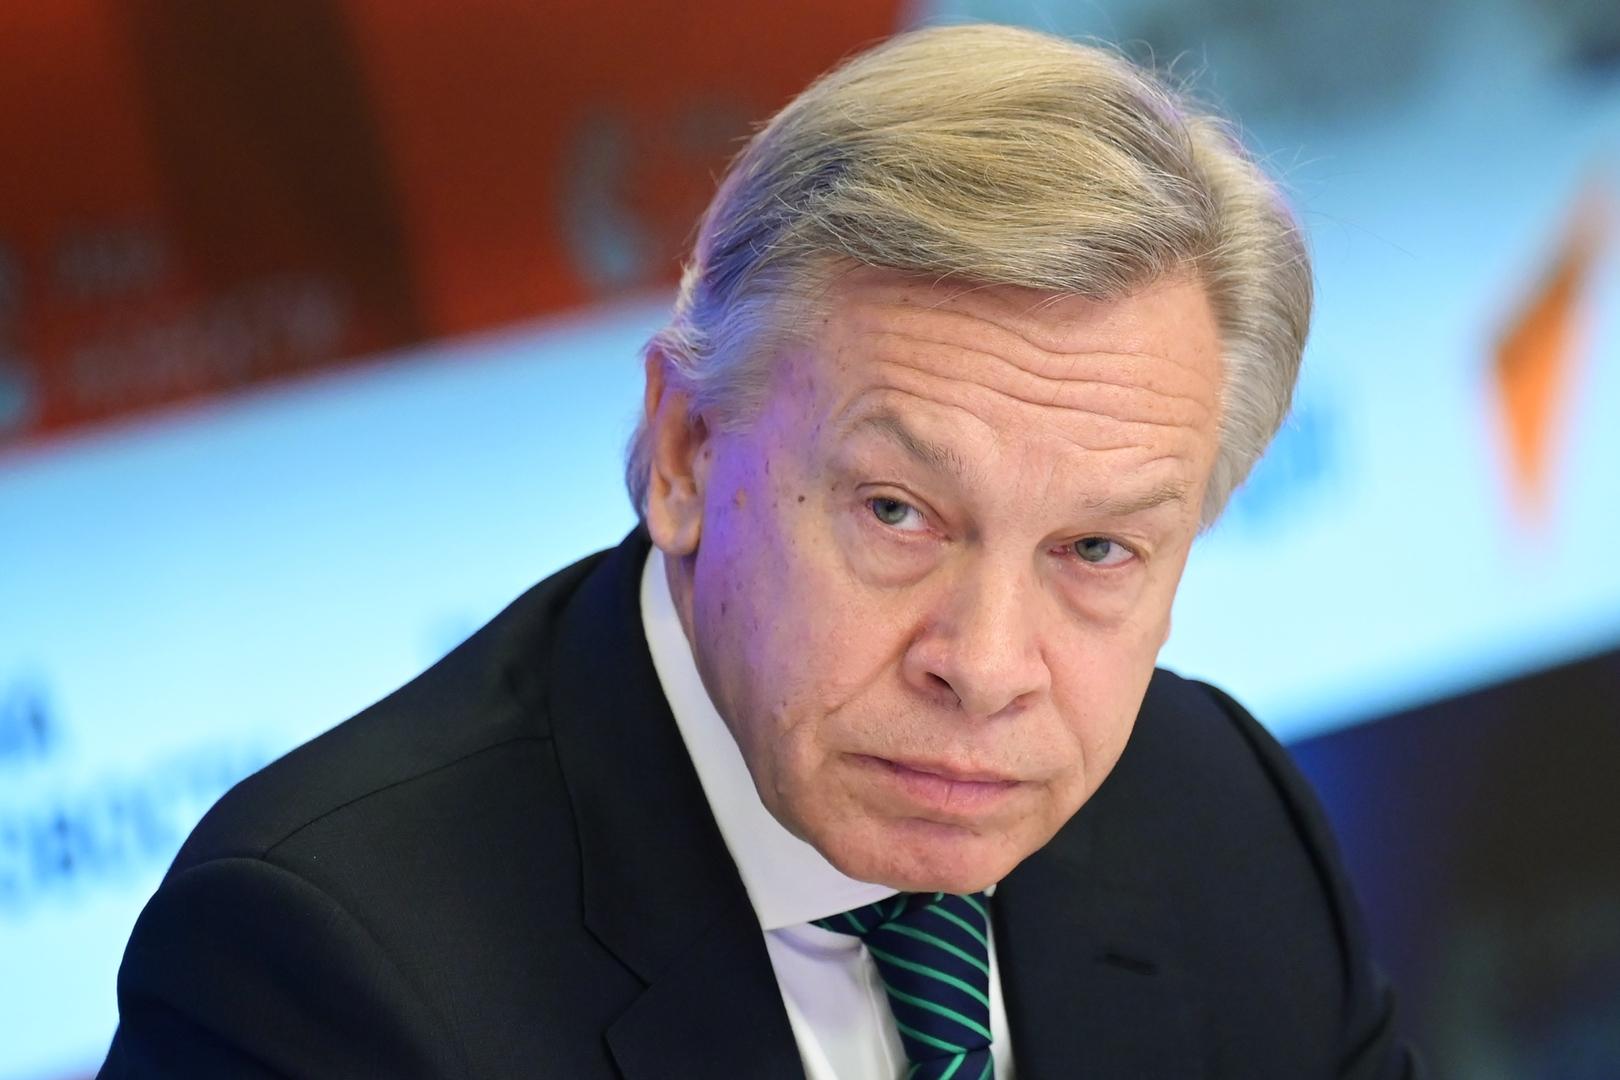 عضو مجلس الاتحاد الروسي أليكسي بوشكوف